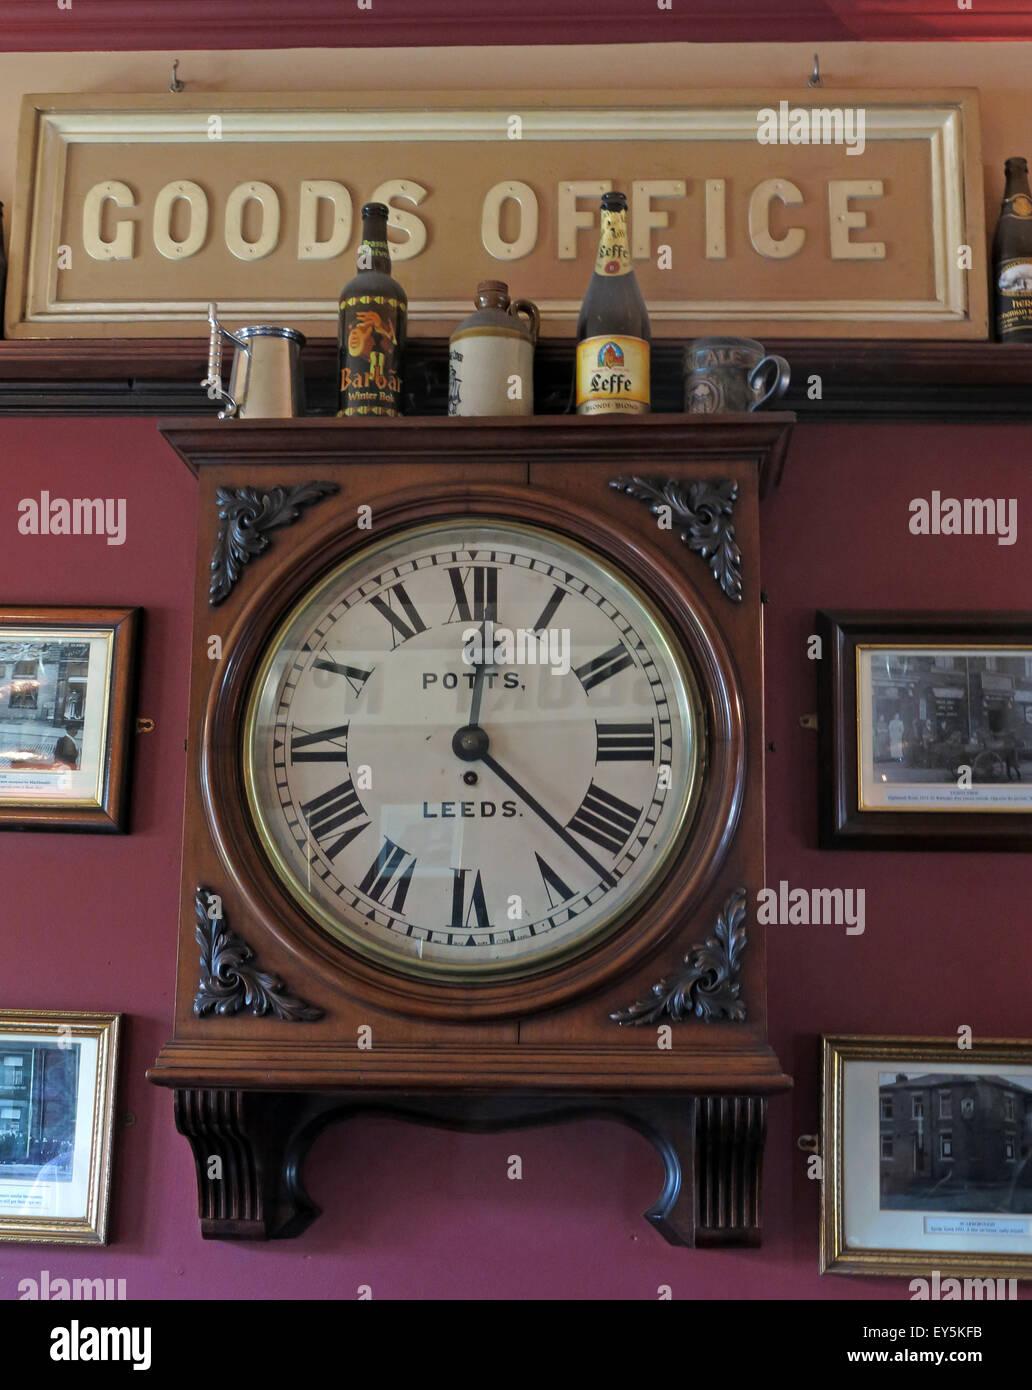 West Riding Pub, Dewsbury Railway Station, West Yorkshire, England, UK - Goods Office Clock - Stock Image